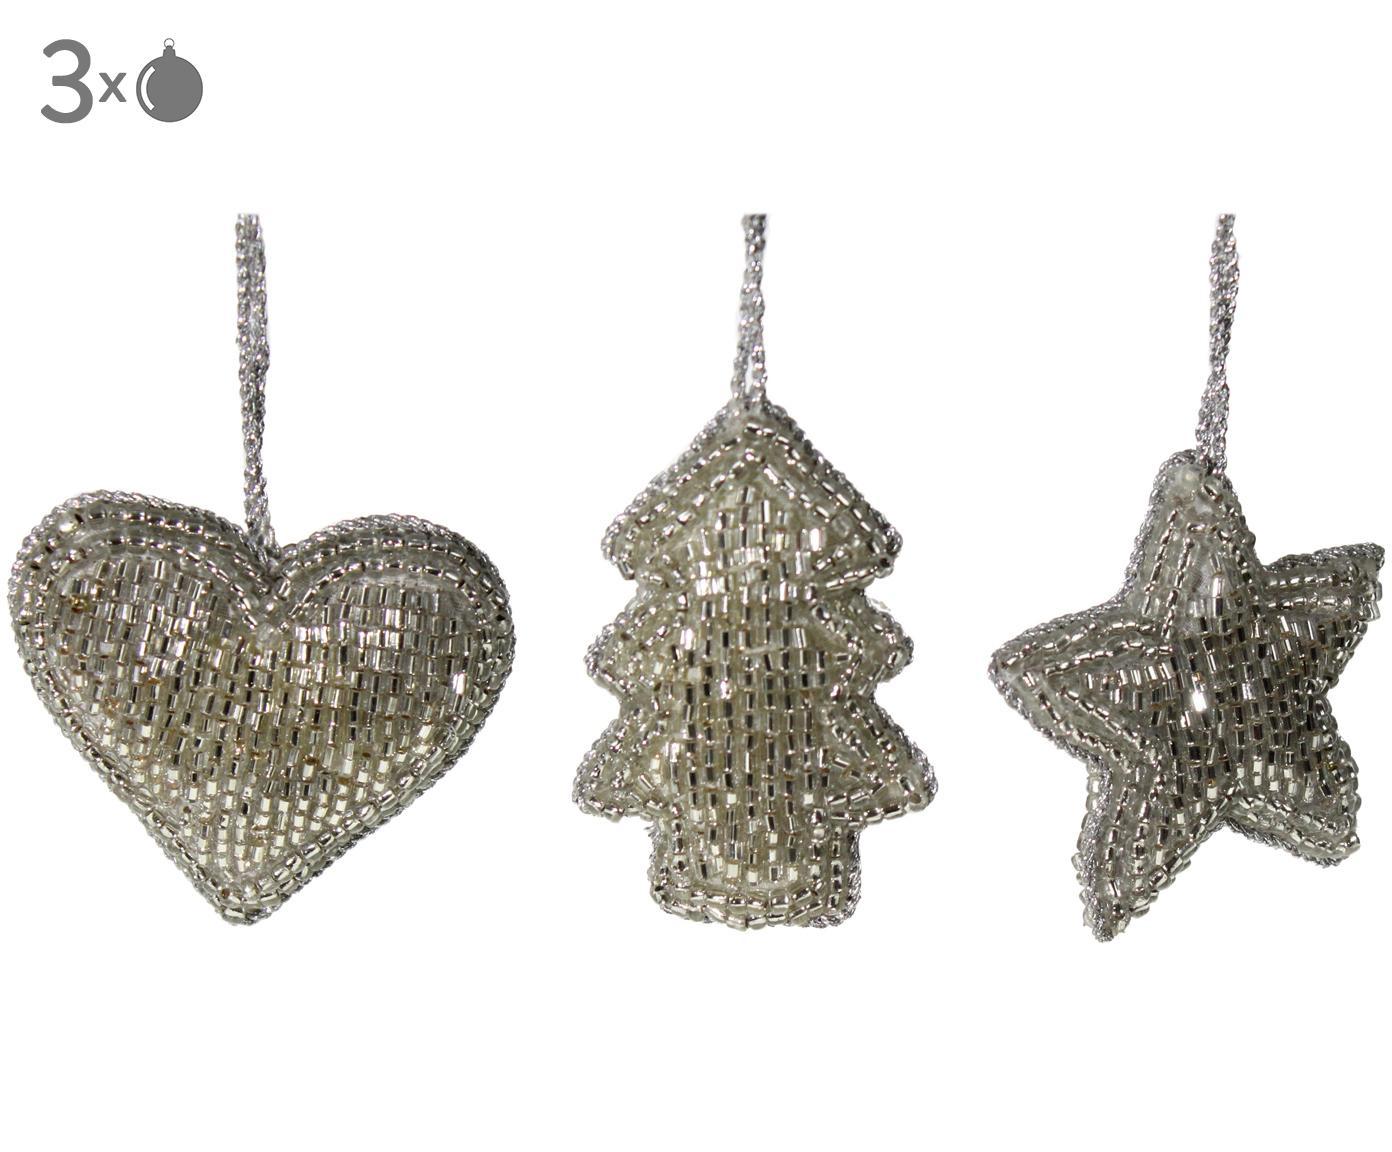 Komplet ozdób choinkowych Pearl, 3 elem., Tworzywo sztuczne, Odcienie srebrnego, S 6 x W 6 cm